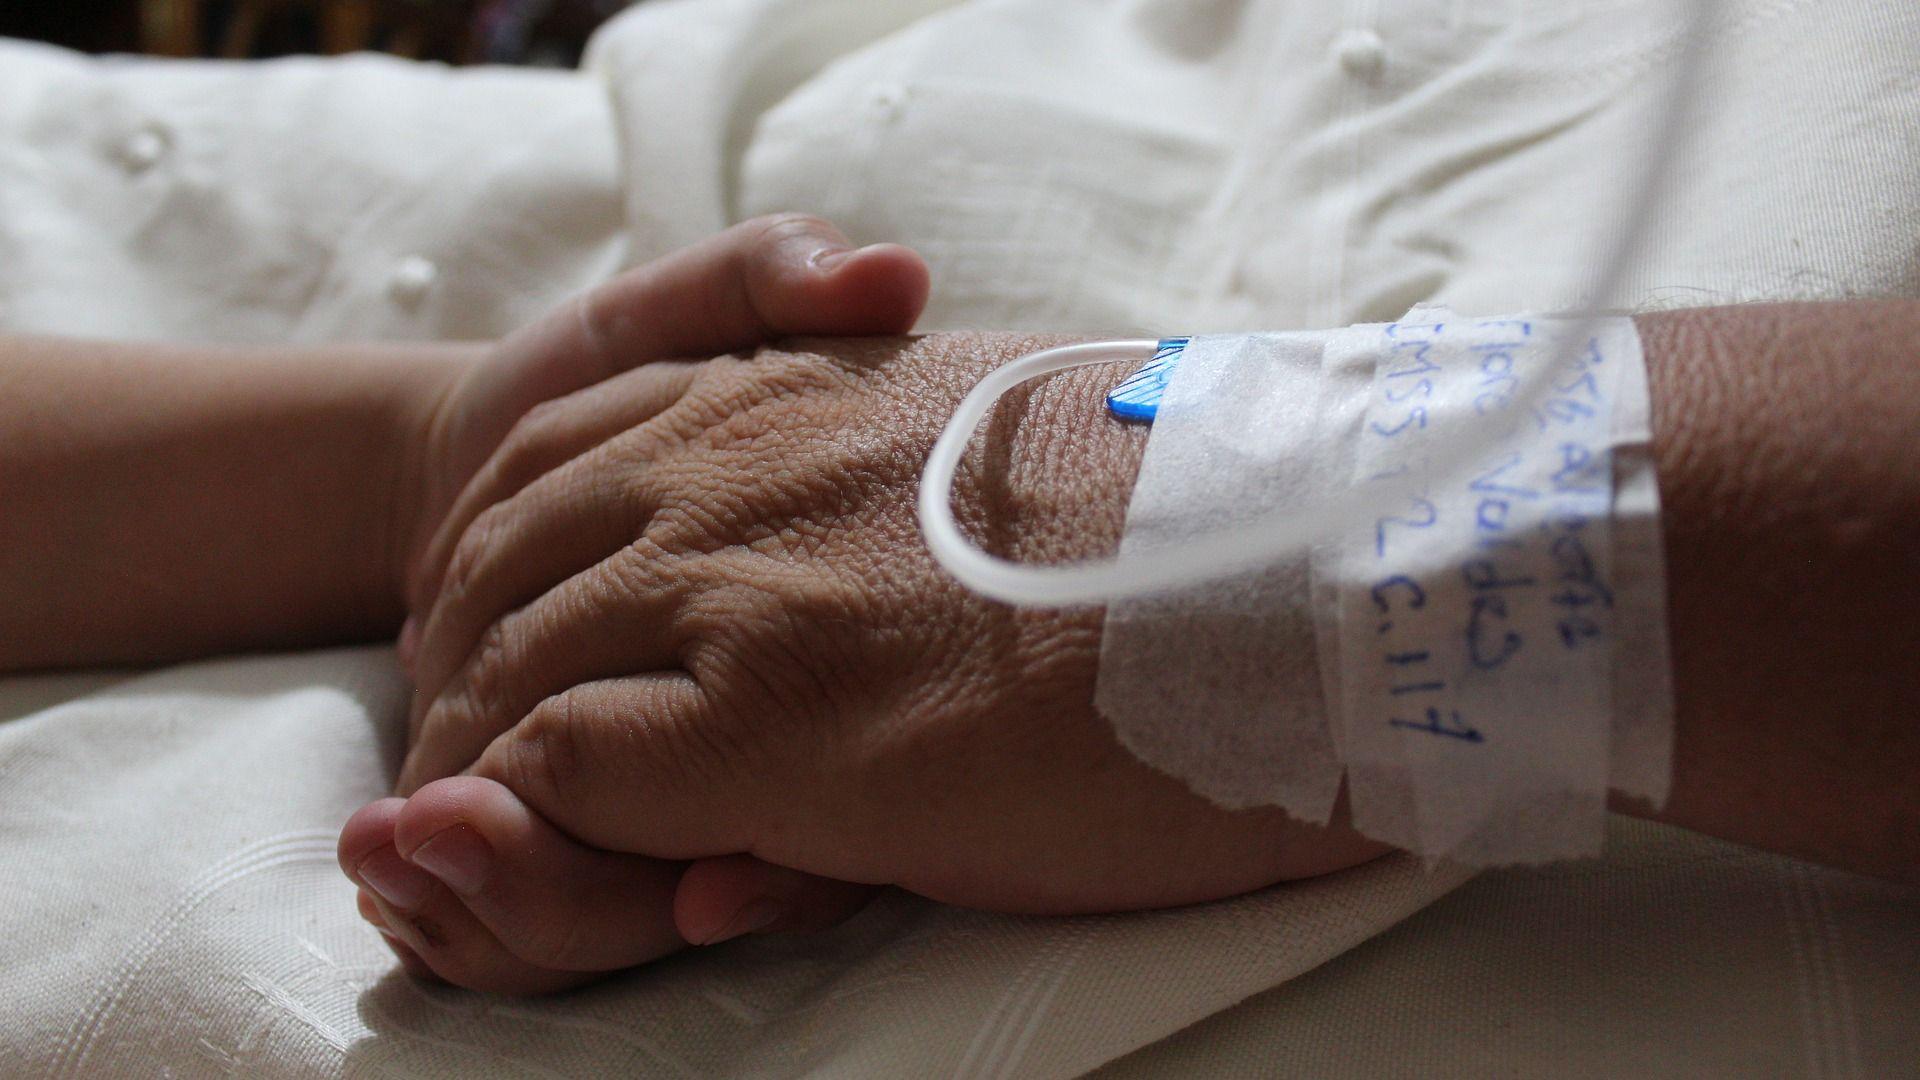 Morte de idosos por Covid-19 impacta finanças das famílias